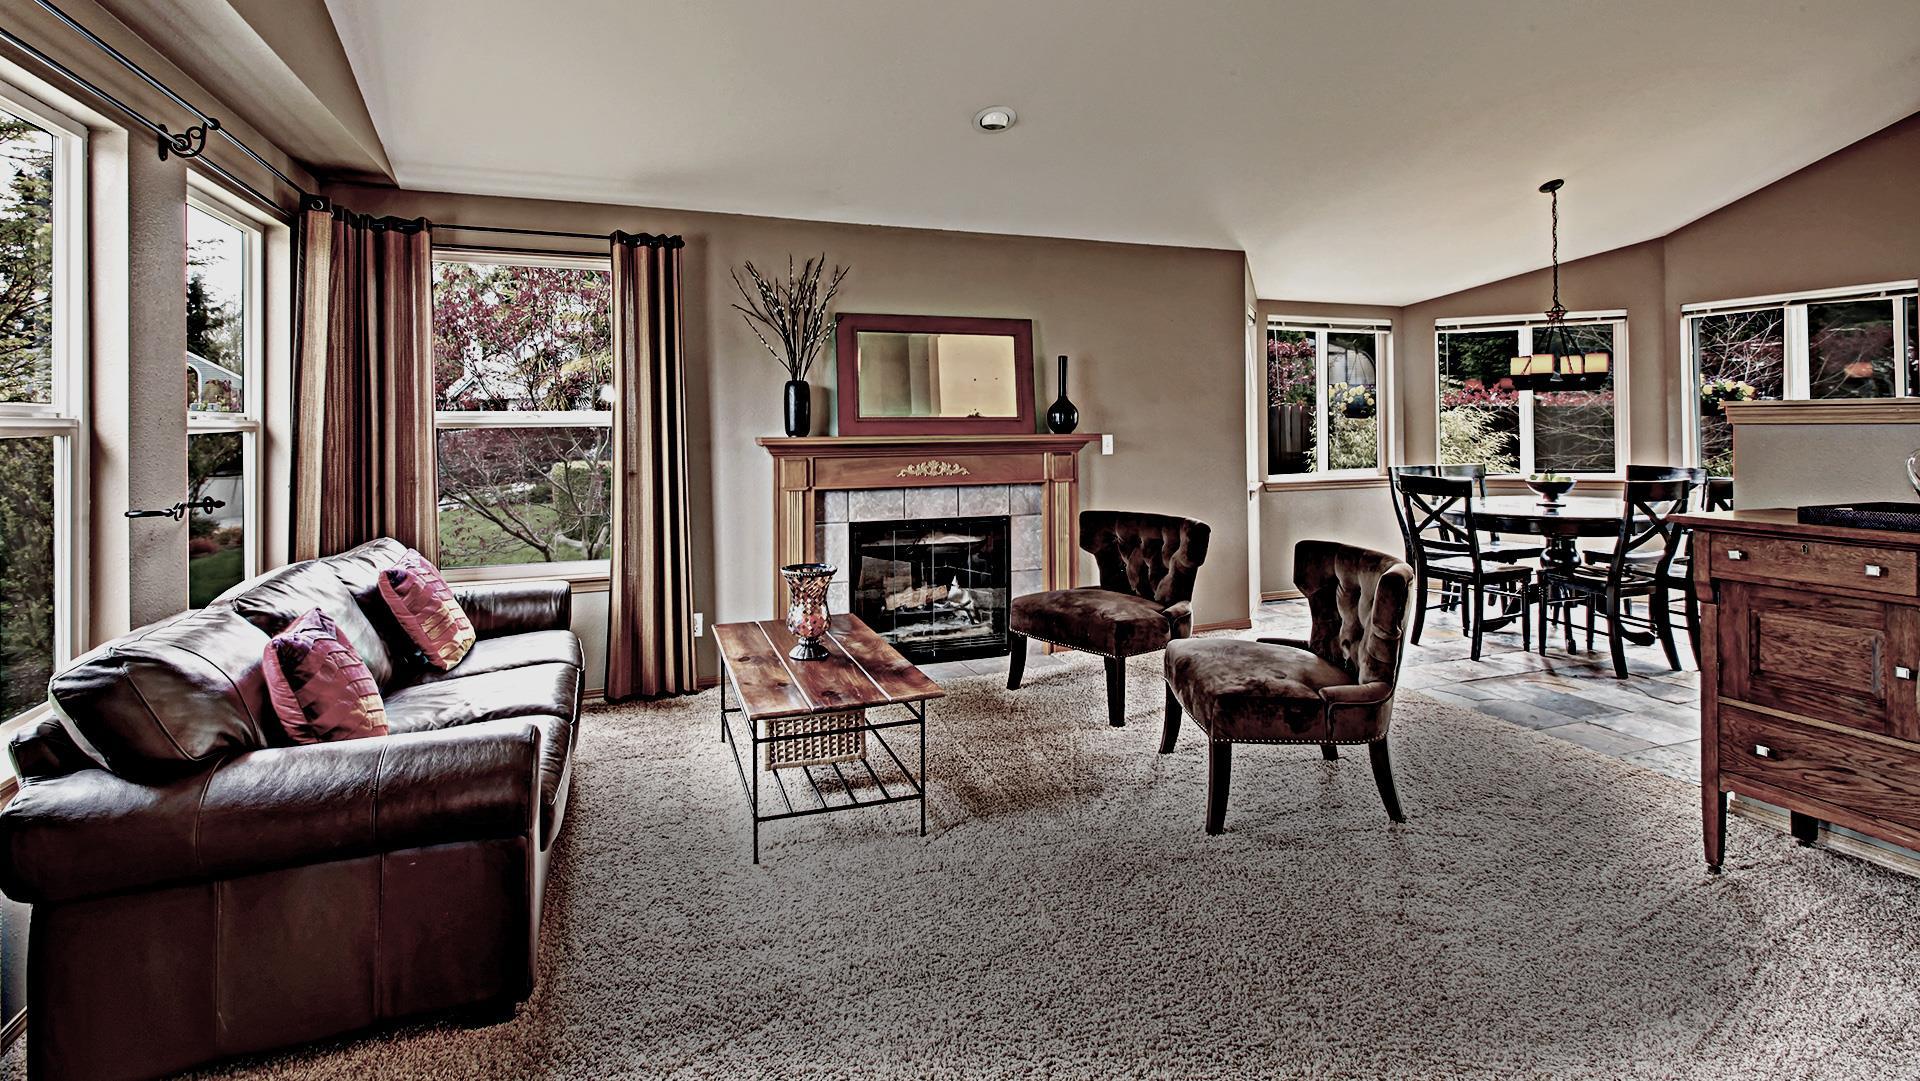 Dancare Carpet Cleaning Inc In Albuquerque Nm